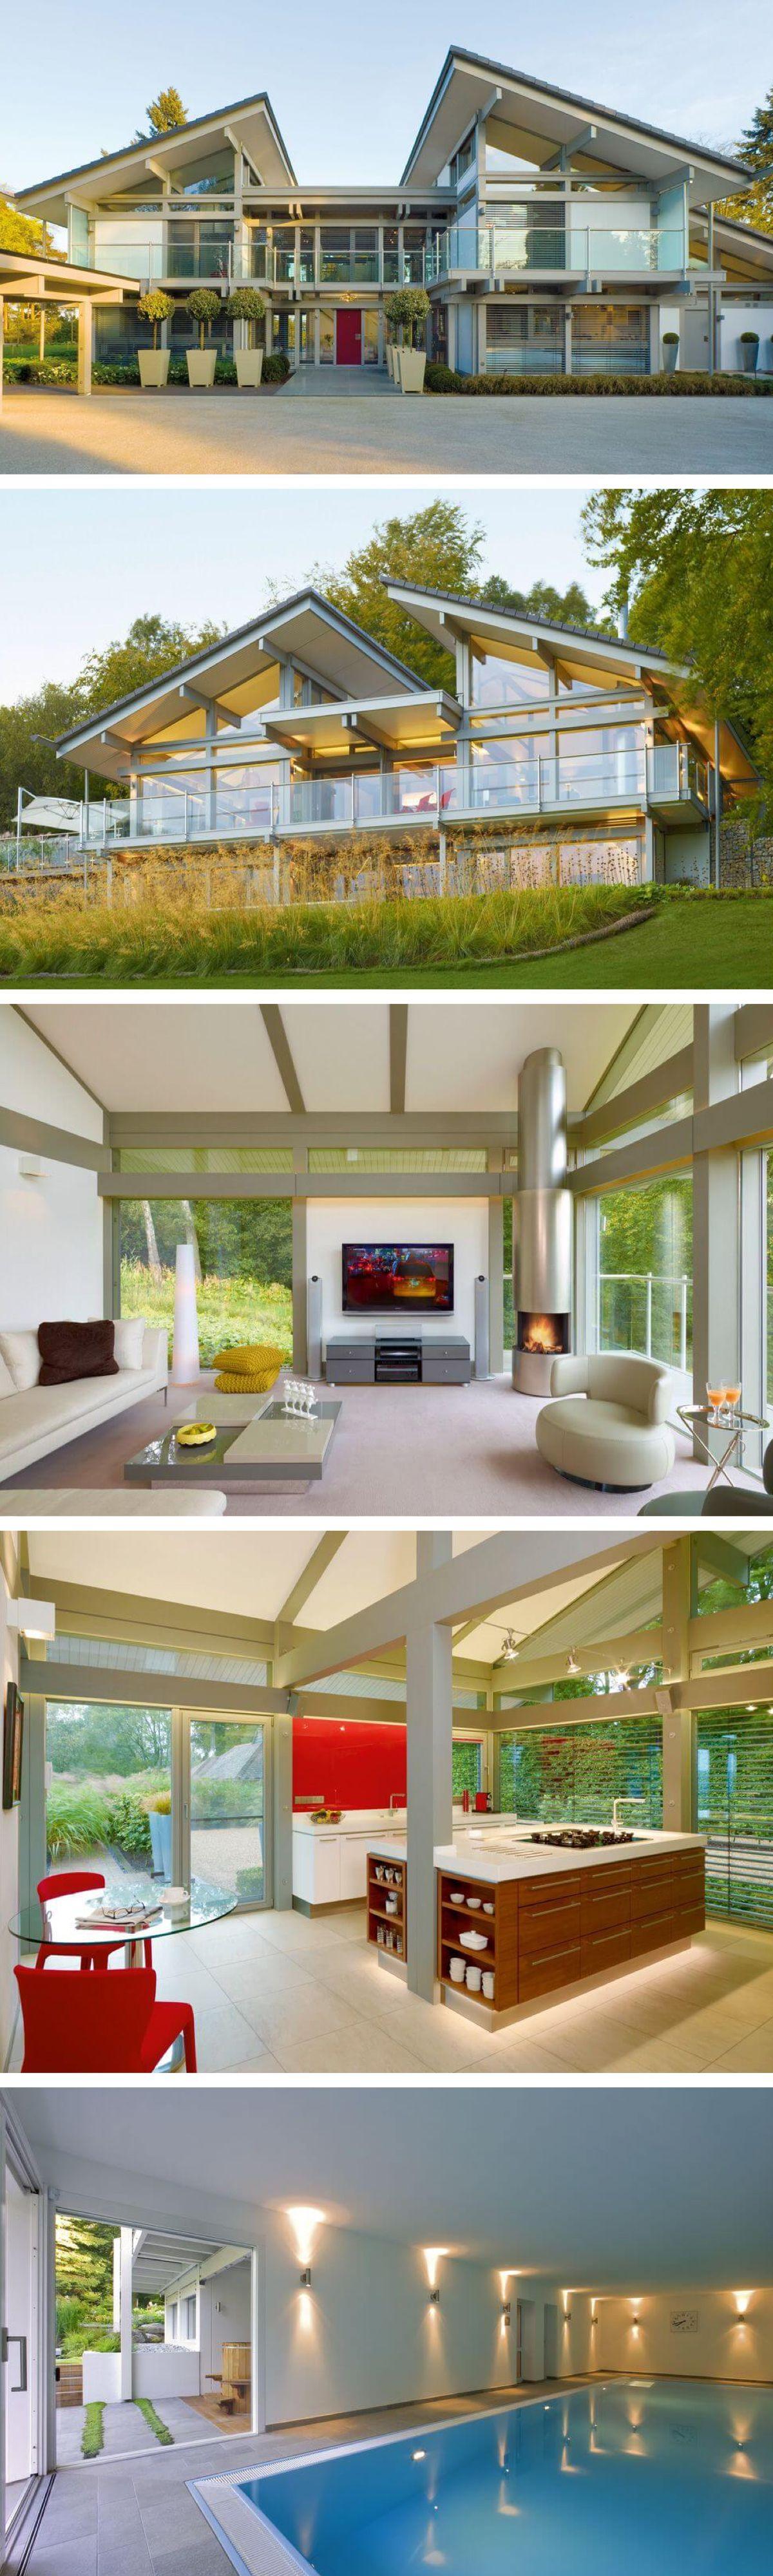 Beeindruckend Beton Fertighaus Beste Wahl -villa Als Design Modern Mit Glas-architektur -